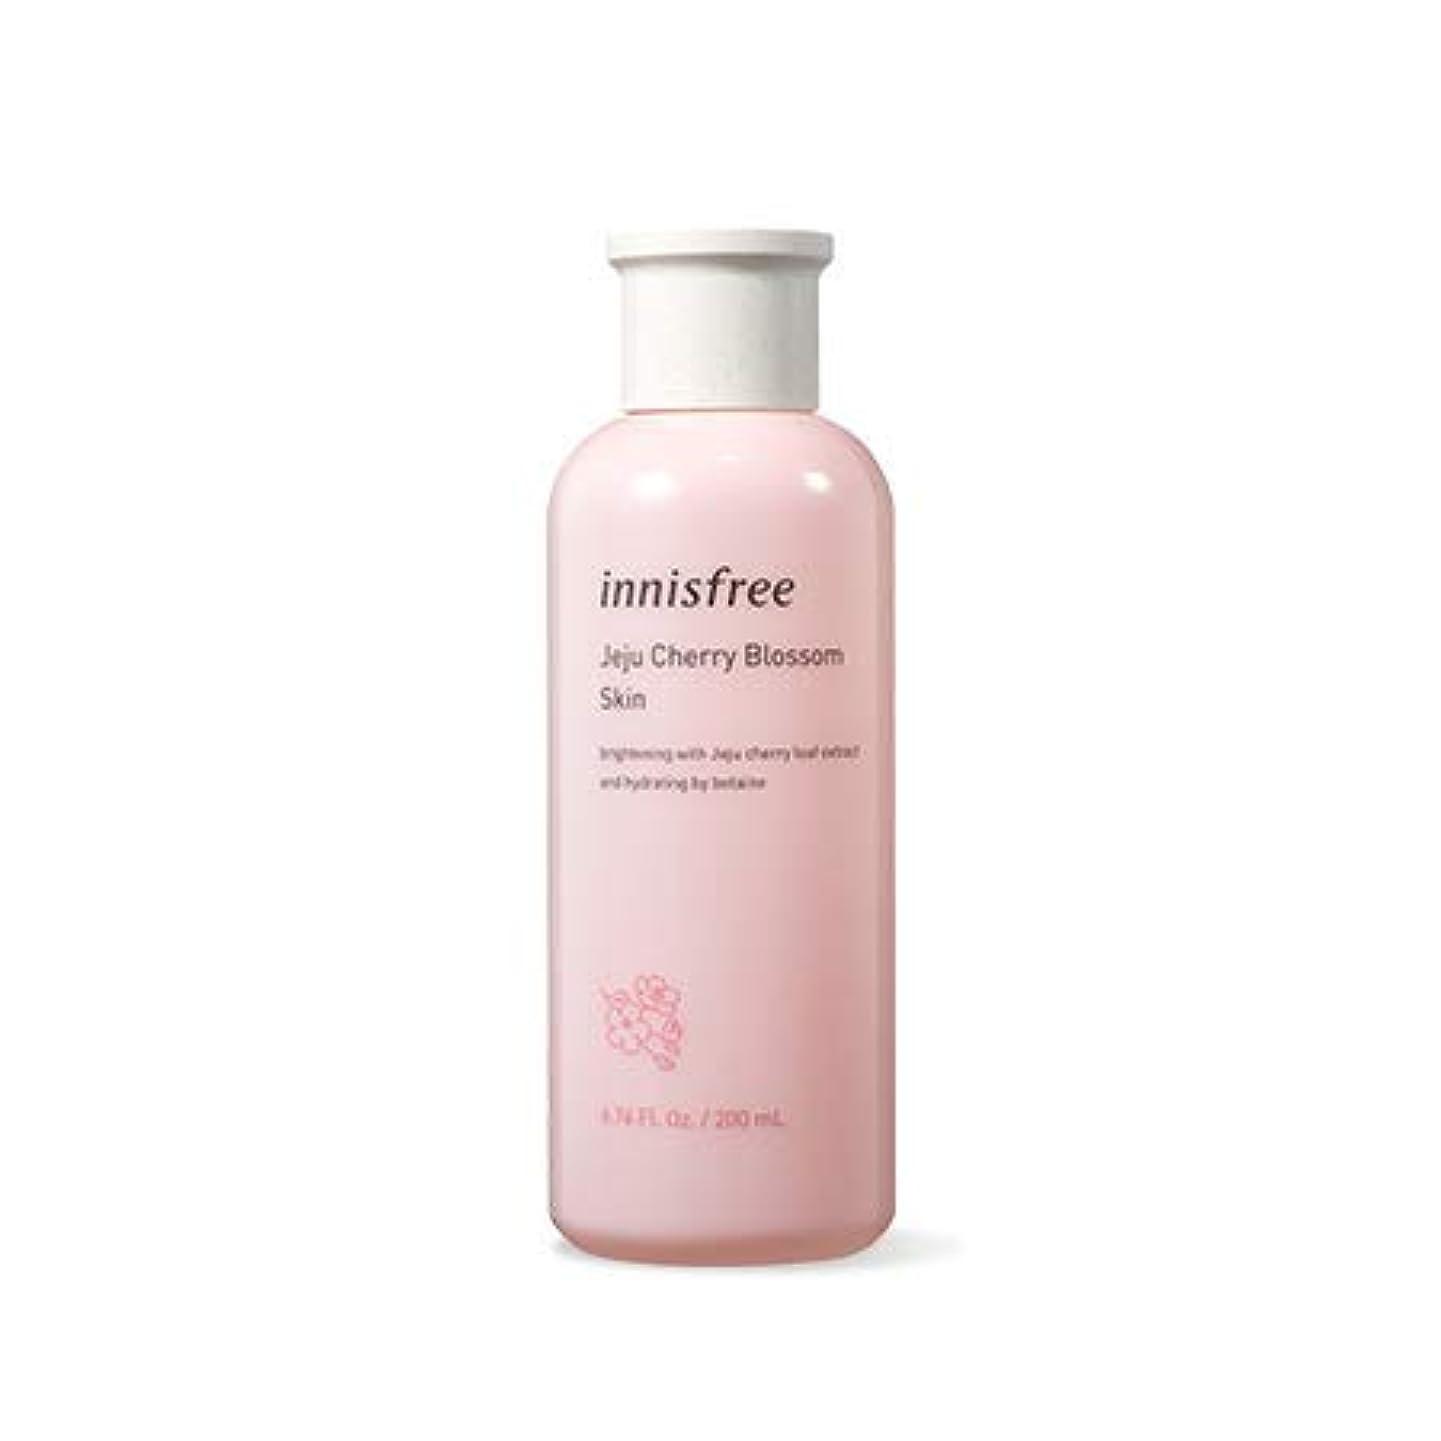 スナックブームタイトイニスフリー 済州 チェリー ブラッサム スキン 200ml / Innisfree Jeju Cherry Blossom Skin 200ml [並行輸入品]